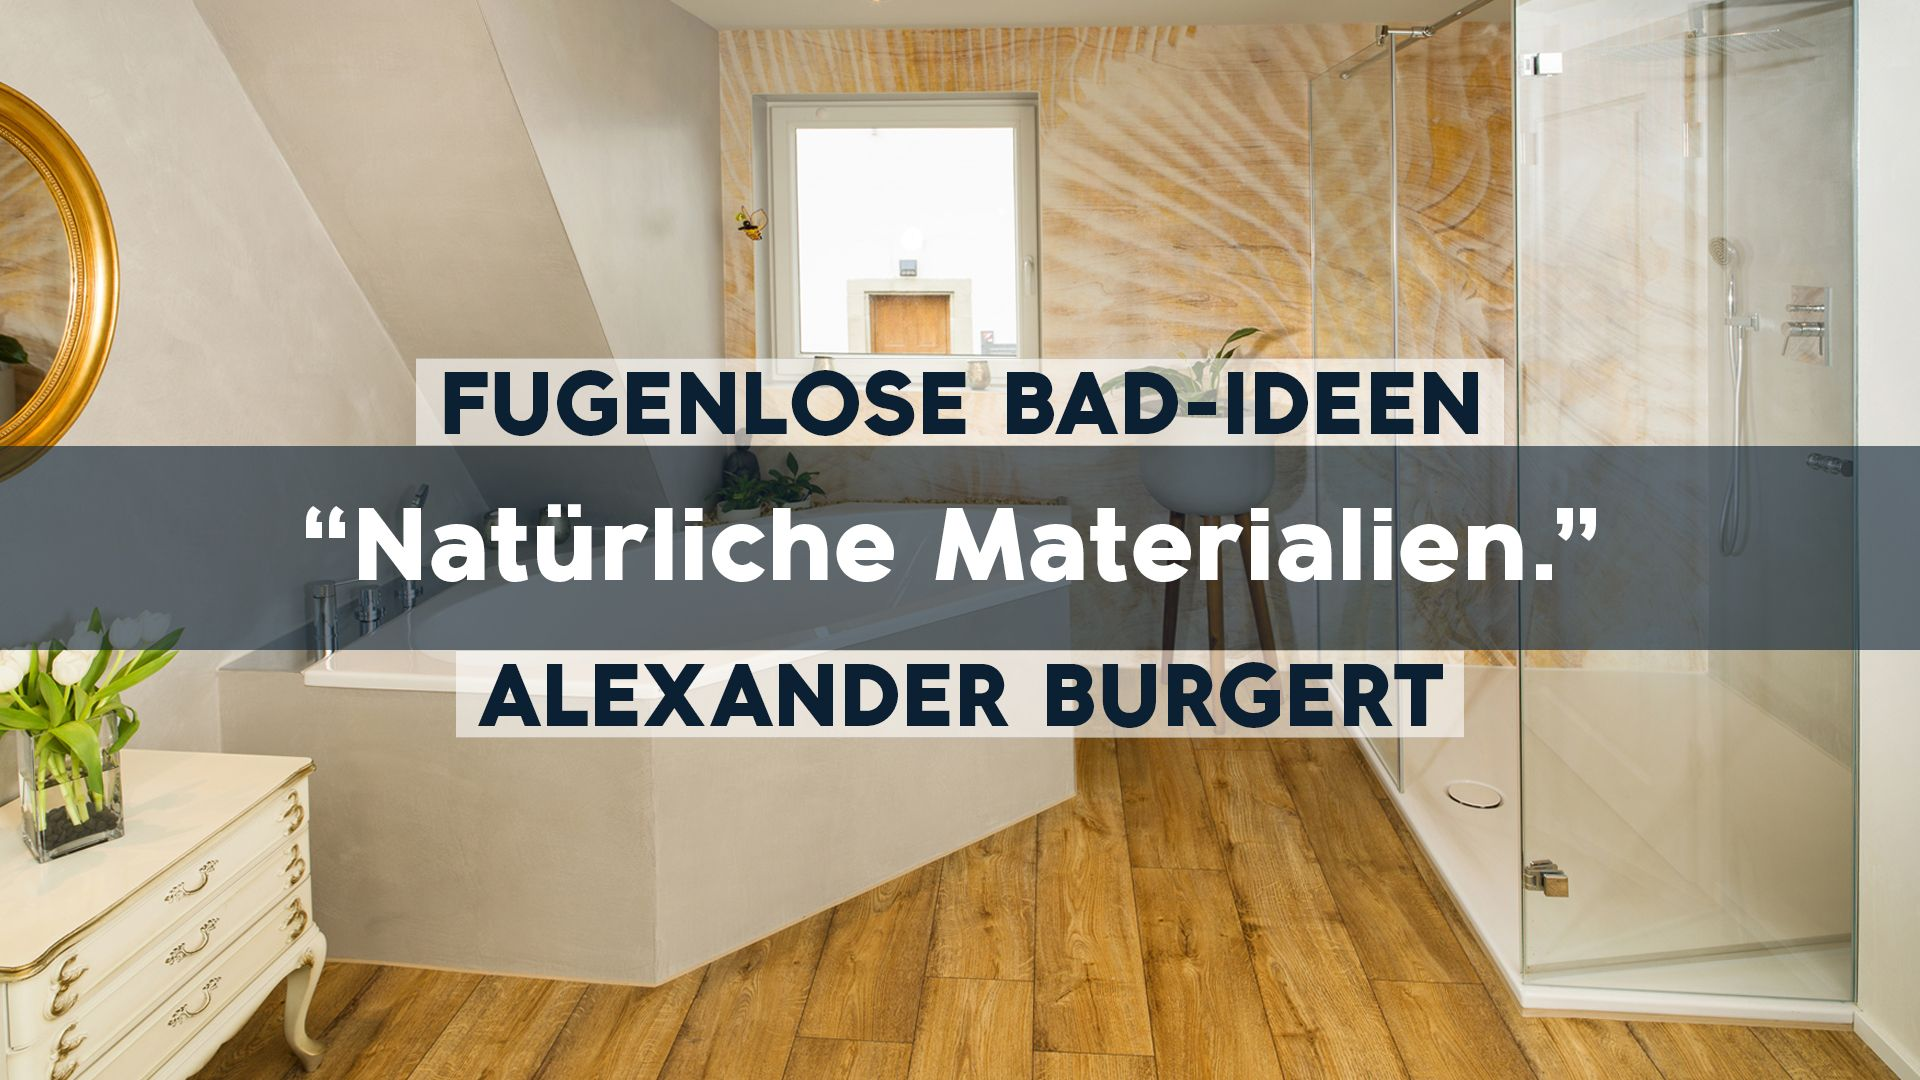 Pforzheim Fugenloses Bad Badgestaltung Badsanierung Badrenovierung Ideen Fur Bader In 2020 Badgestaltung Bad Farben Badumbau